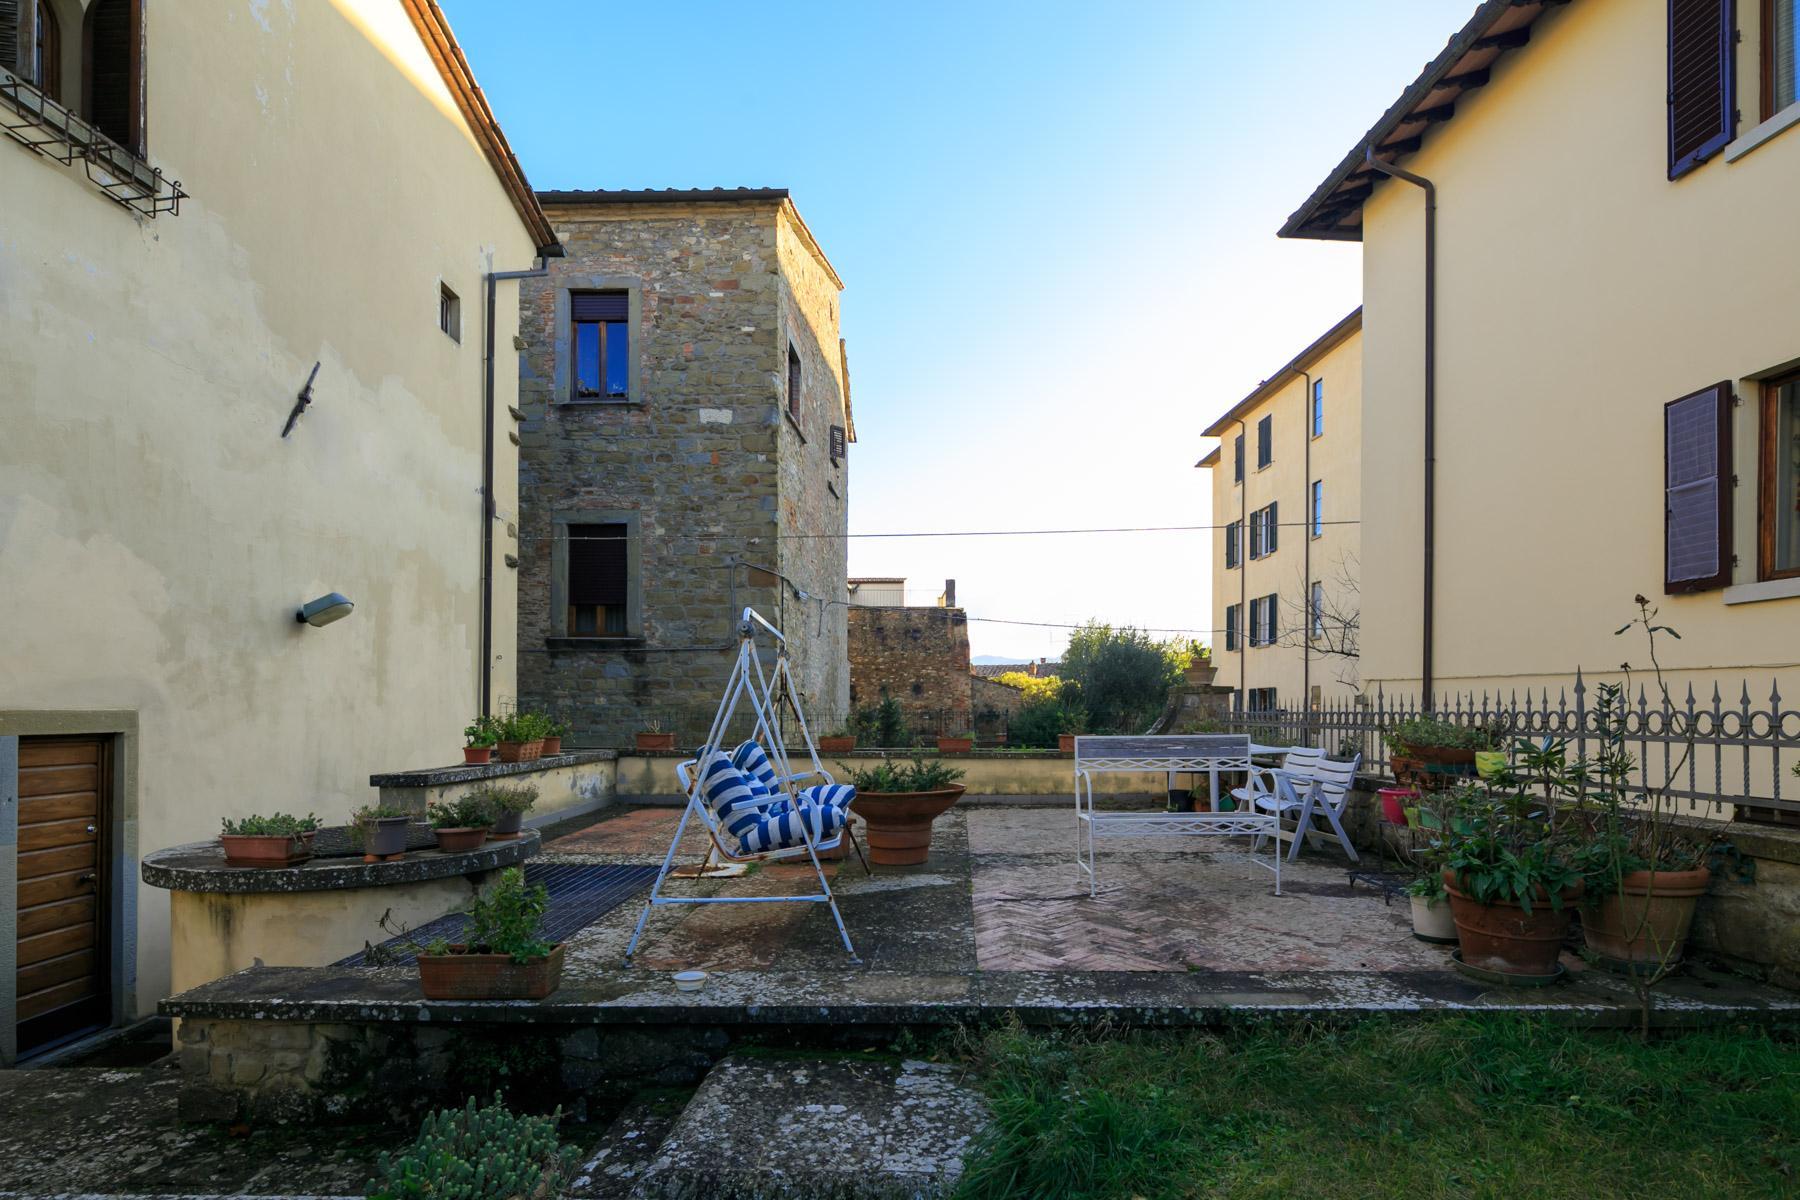 Palazzo Rinascimentale in Vendita a pochi passi da Piazza Grande, Arezzo - 24